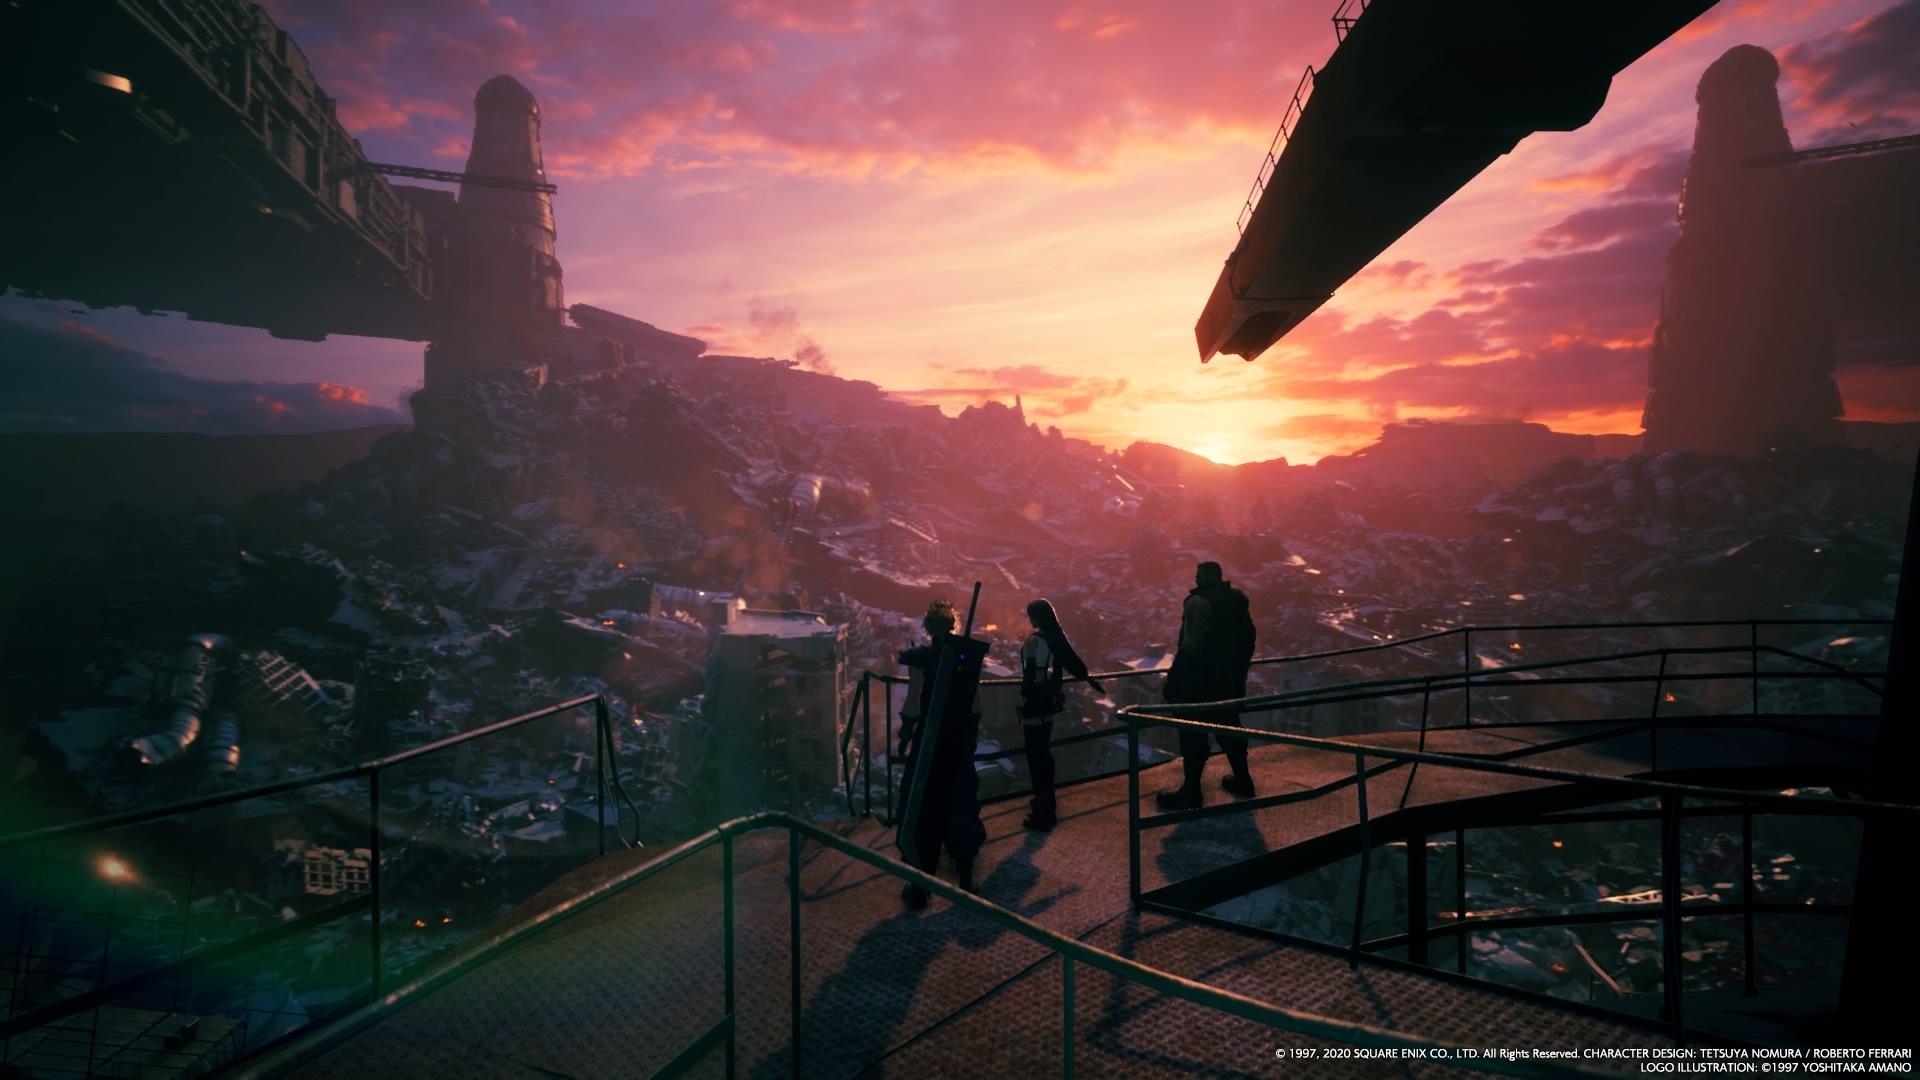 Final Fantasy 7 Remake - A Solemn Sunset over Midgar's Sector 7